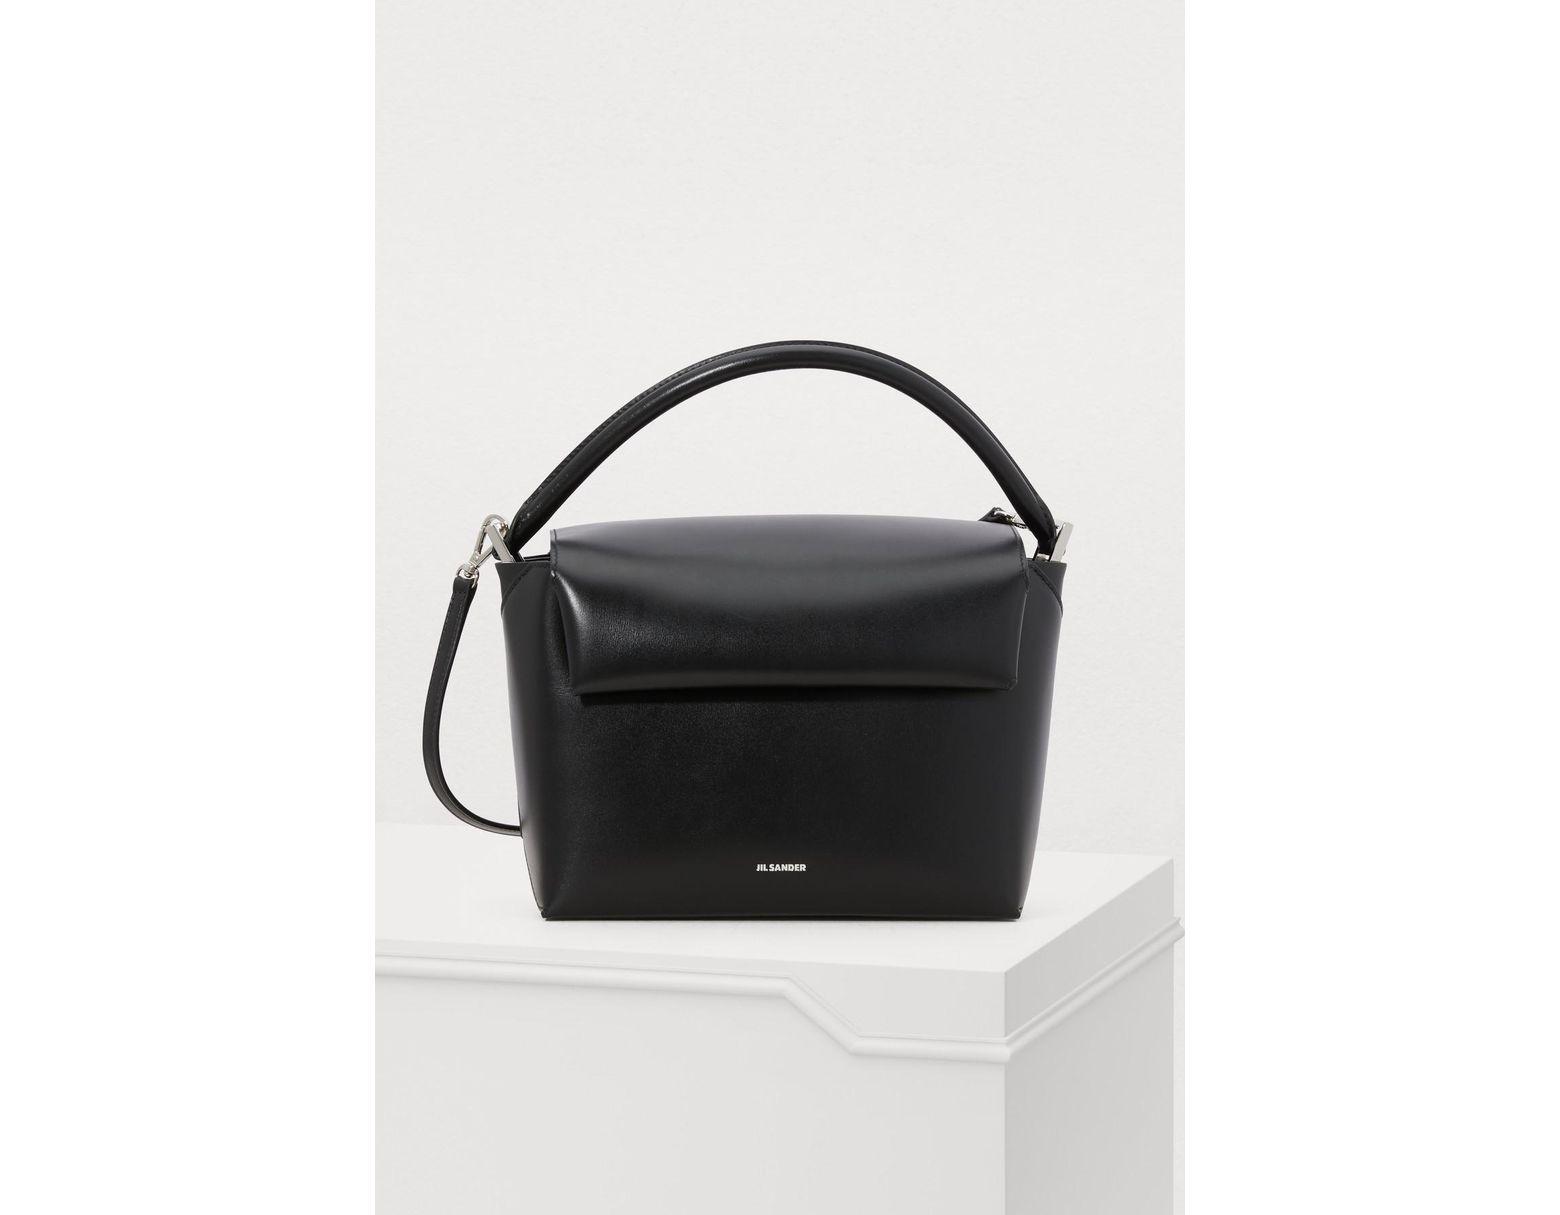 89c5f87fe3 Jil Sander Envelope Box Handbag in Black - Lyst